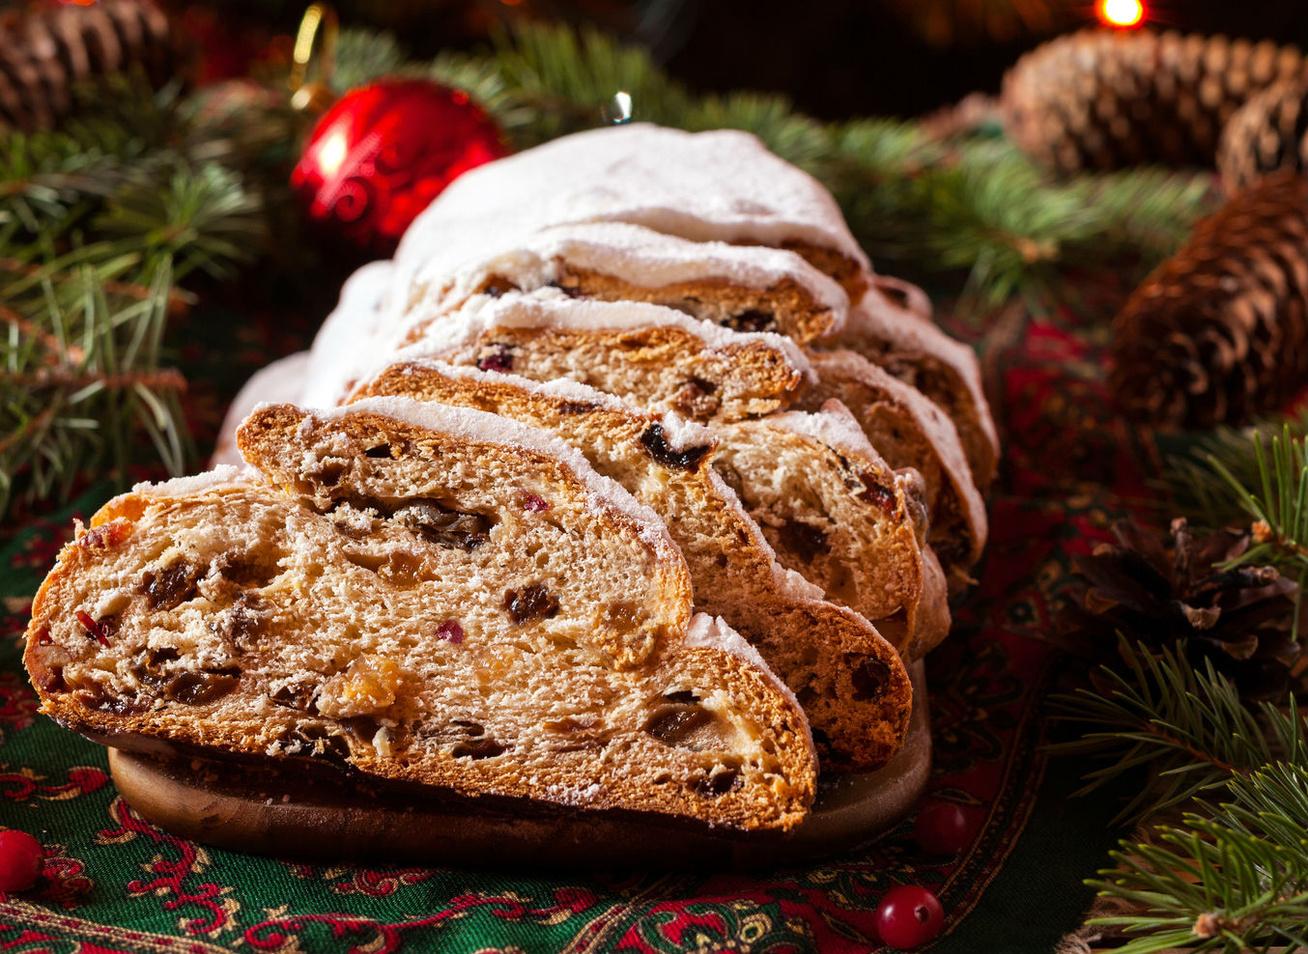 Mesés karácsonyi gyümölcskenyér - Omlós és nagyon finom